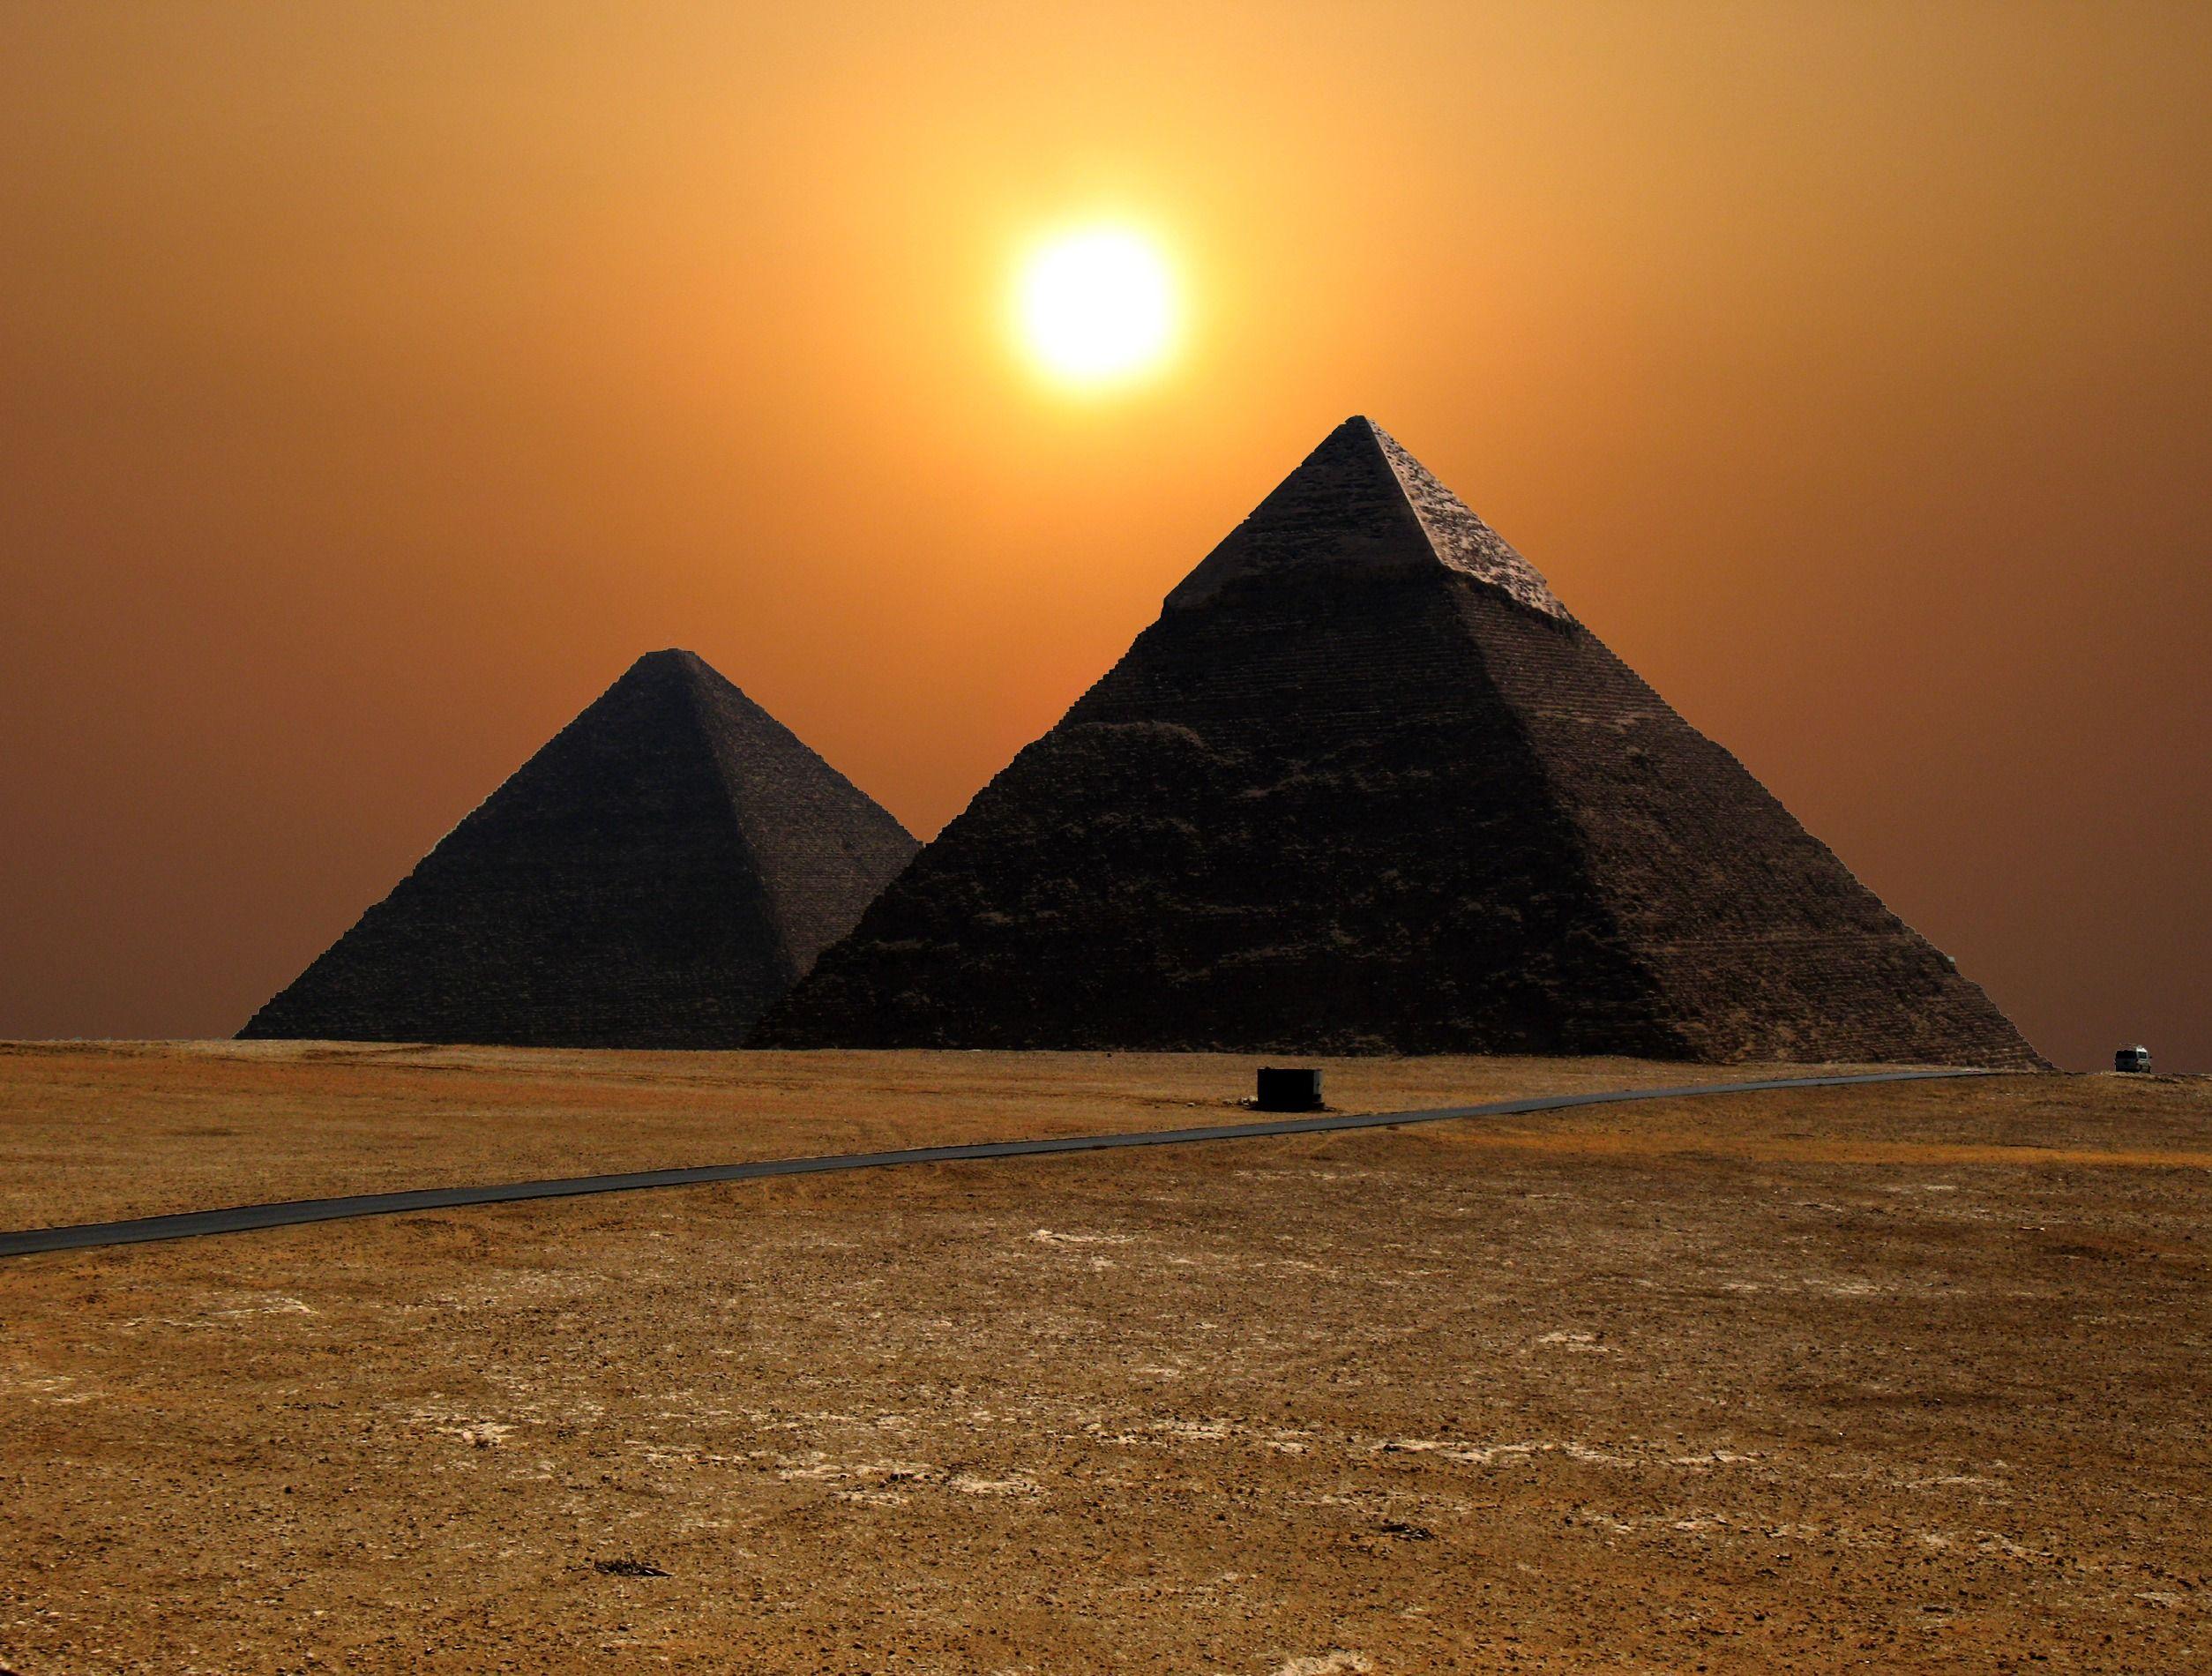 The Great Pyramids Of Giza Egypt Pyramiden Agypten Agypten Pyramiden